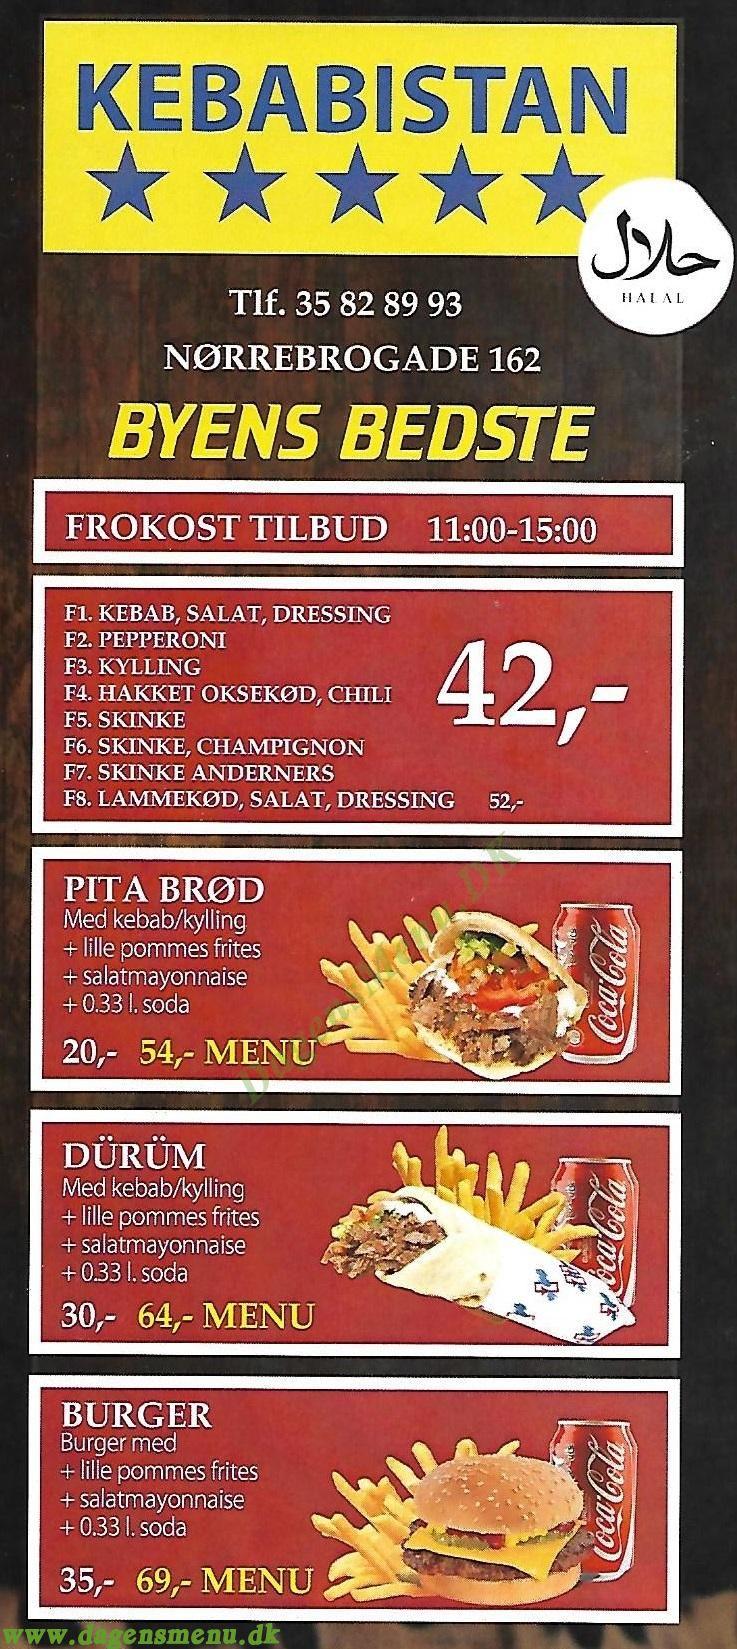 KEBABISTAN Halal Shawarma - Menukort